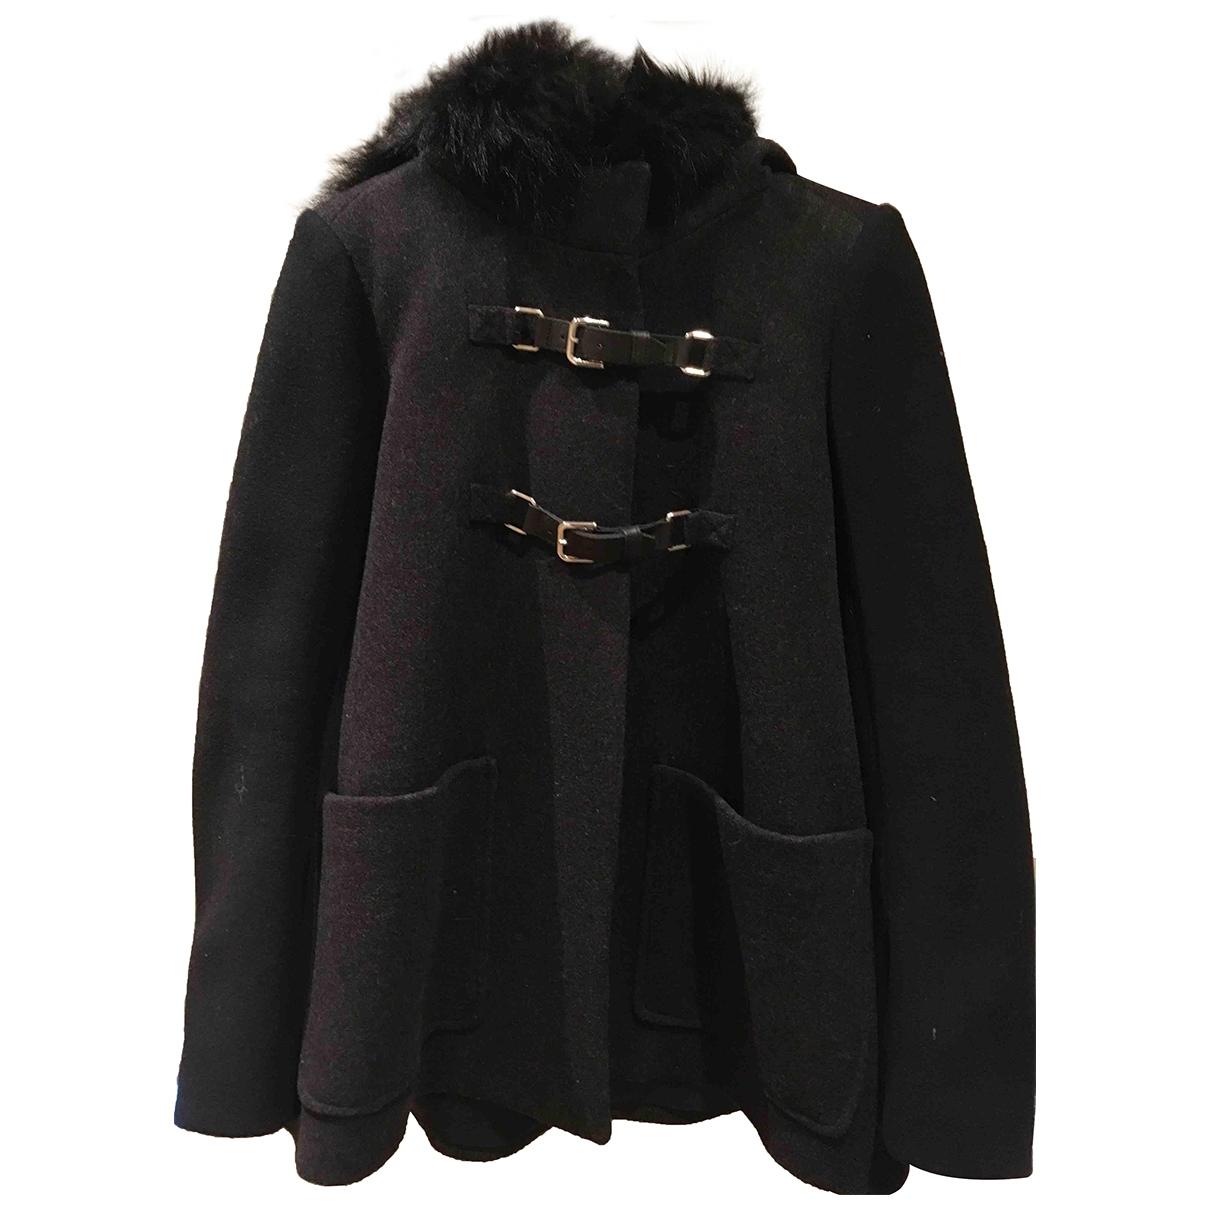 Maje - Manteau   pour femme en laine - anthracite